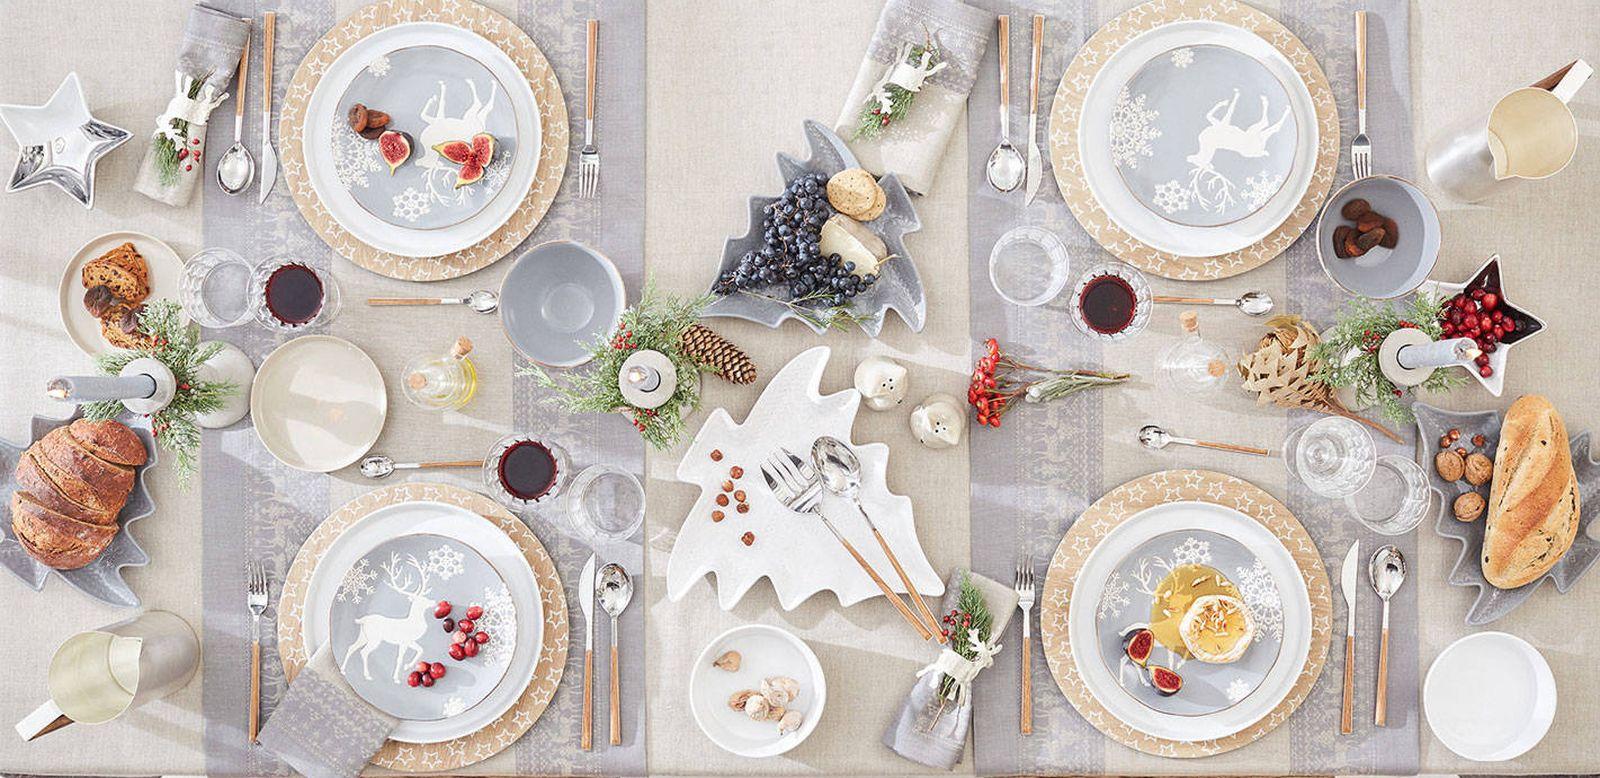 Foto: Todo en orden. Trucos de experto para saber colocar perfectamente vajilla, cristalería y cubertería en tu mesa de Navidad (Zara Home)